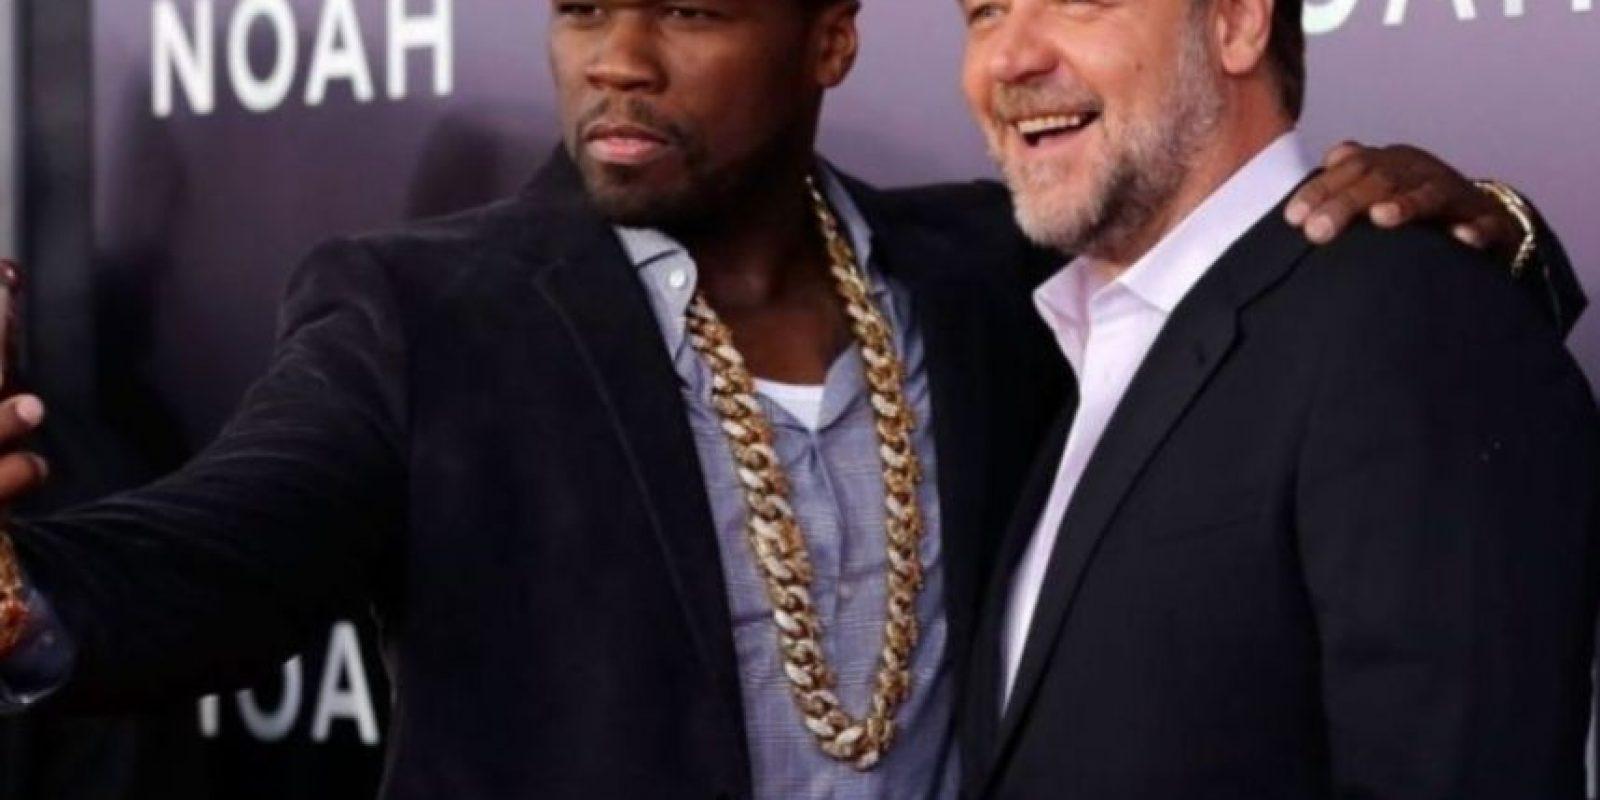 """'50 Cent' y el actor Russell Crowe durante la premiere de """"Noé"""". Foto:Getty Images"""